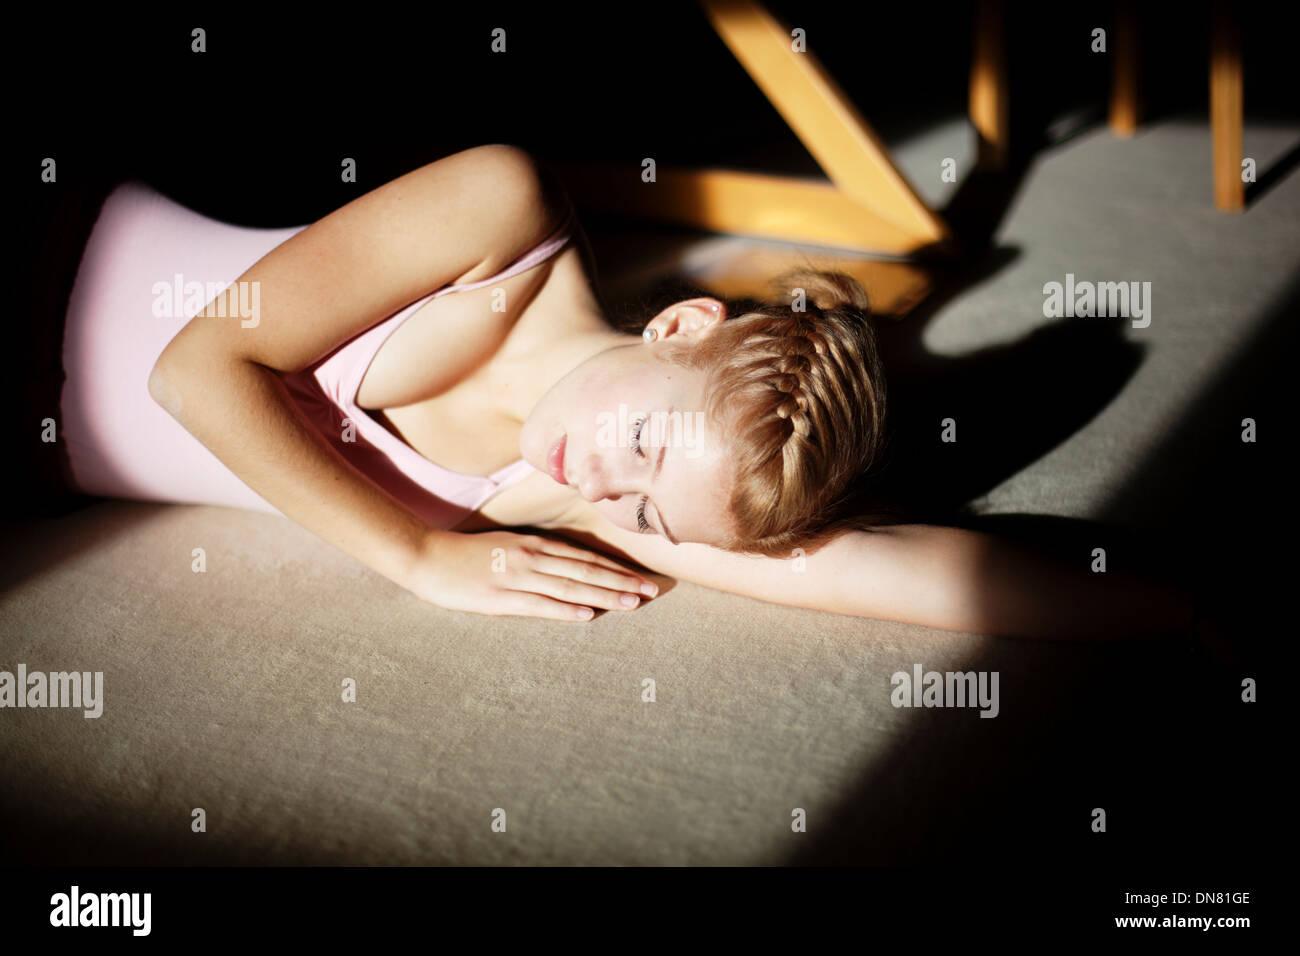 Jeune femme aux yeux clos se trouvant sur le plancher, portrait Banque D'Images